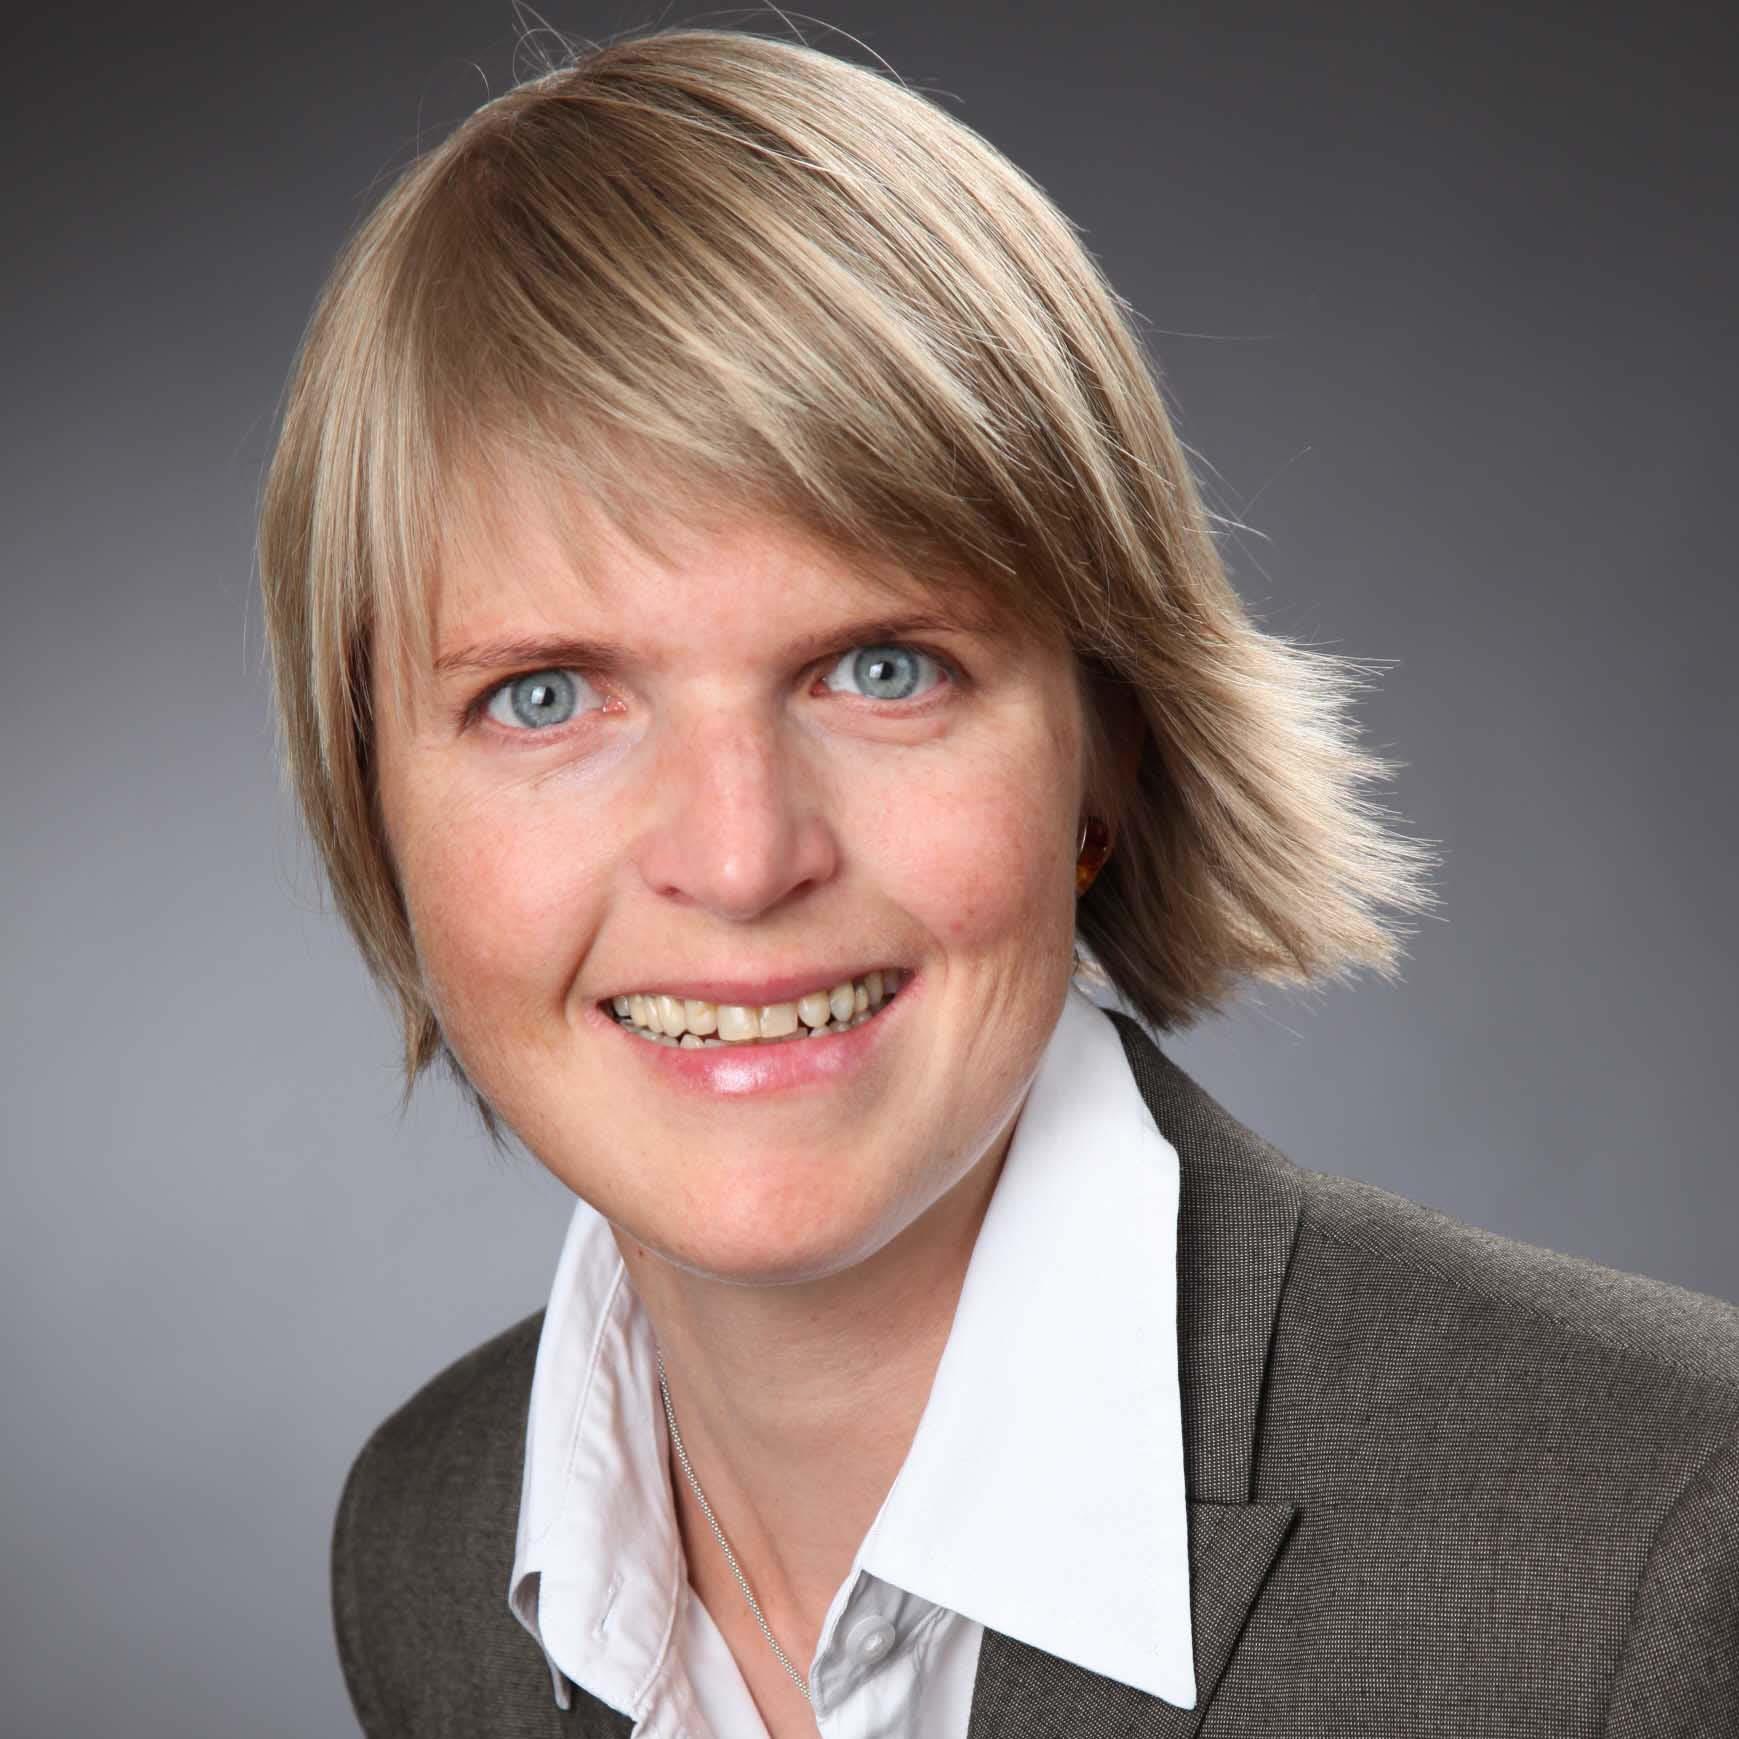 Dr. Christina Schober